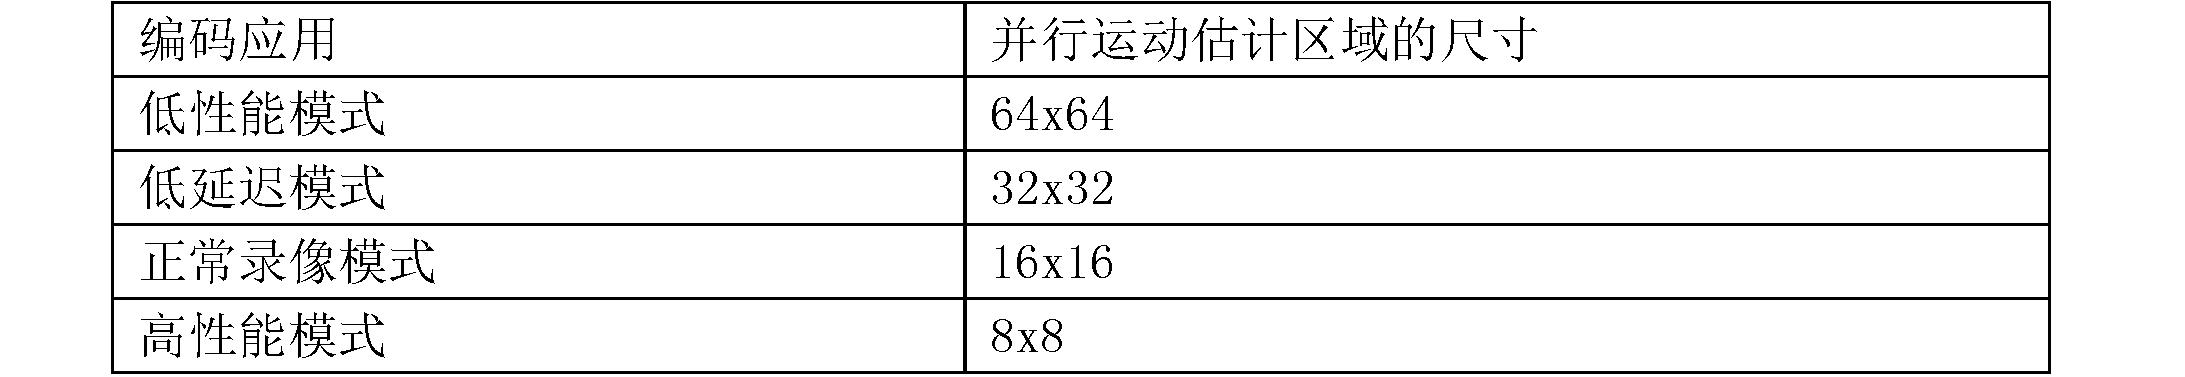 Figure CN104159106BD00082